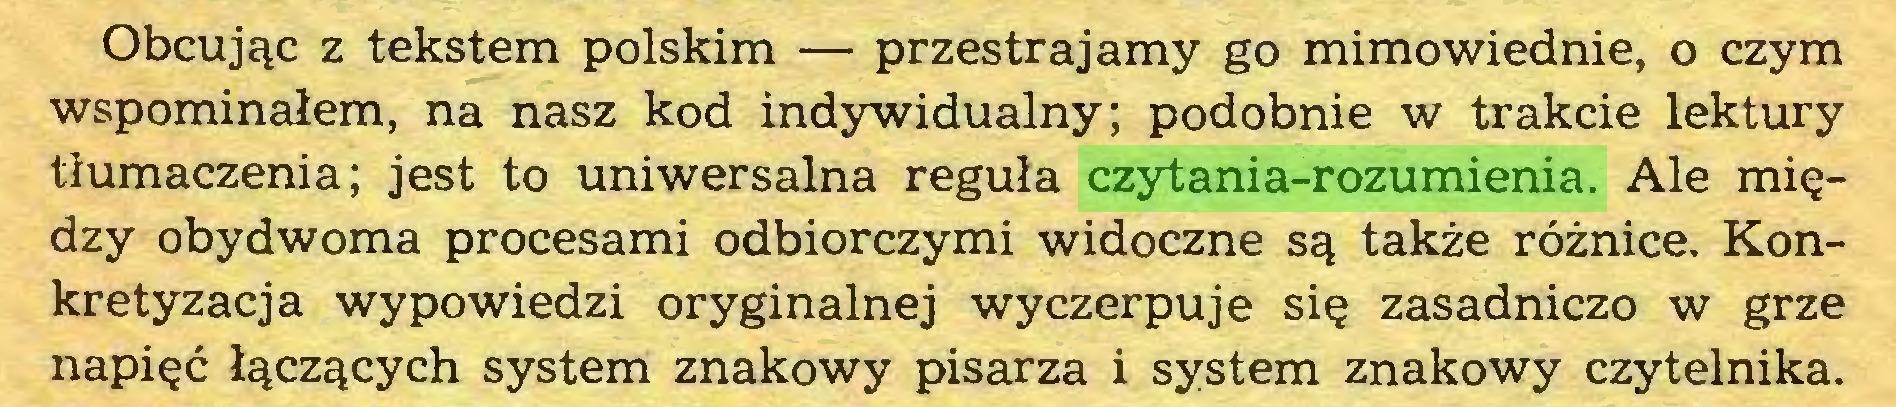 (...) Obcując z tekstem polskim — przestrajamy go mimowiednie, o czym wspominałem, na nasz kod indywidualny; podobnie w trakcie lektury tłumaczenia; jest to uniwersalna reguła czytania-rozumienia. Ale między obydwoma procesami odbiorczymi widoczne są także różnice. Konkretyzacja wypowiedzi oryginalnej wyczerpuje się zasadniczo w grze napięć łączących system znakowy pisarza i system znakowy czytelnika...